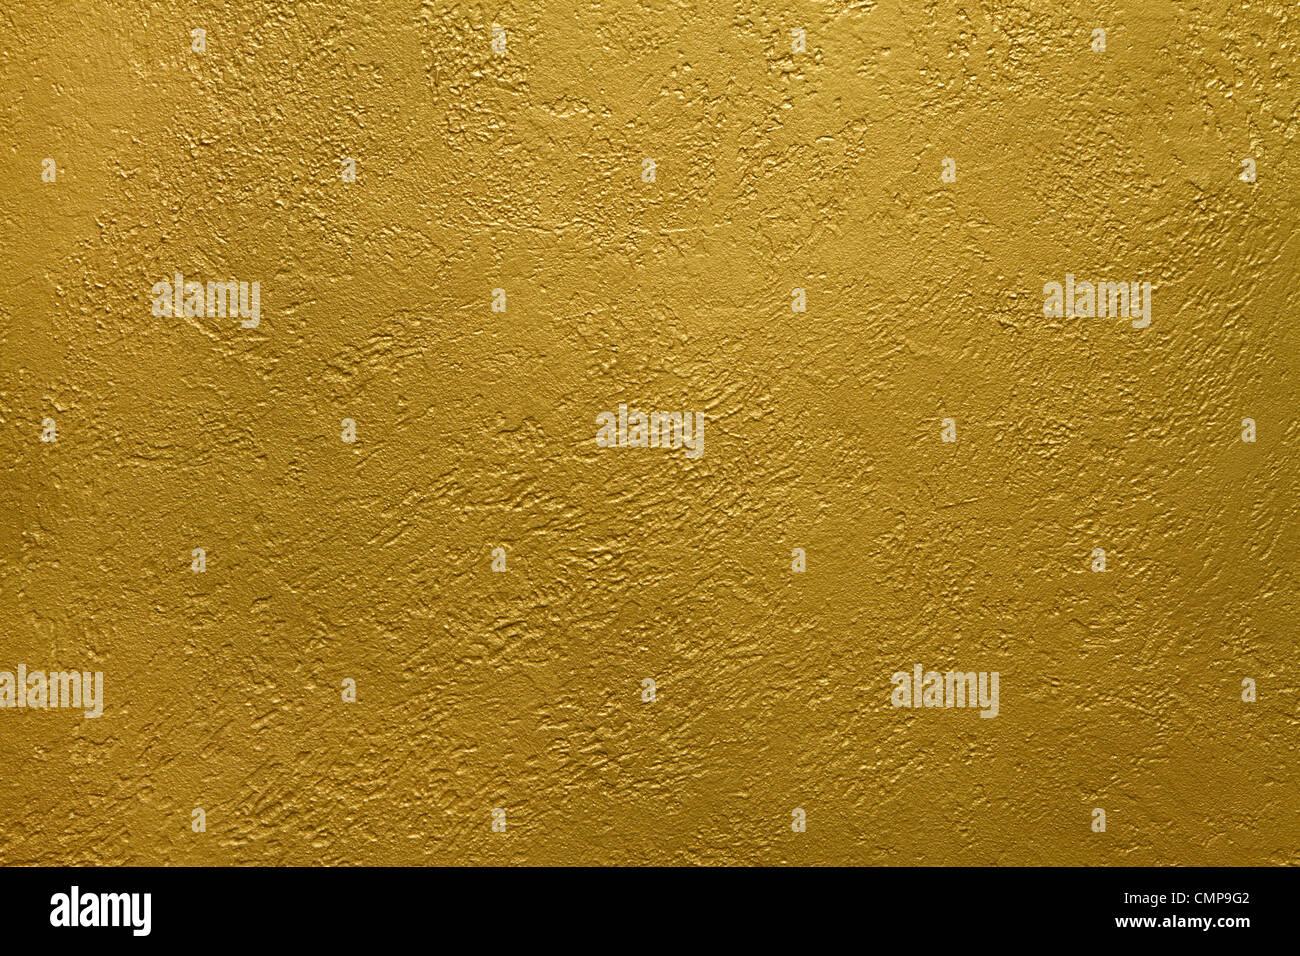 Textur von einer Betonmauer mit Goldfarbe bedeckt Stockbild